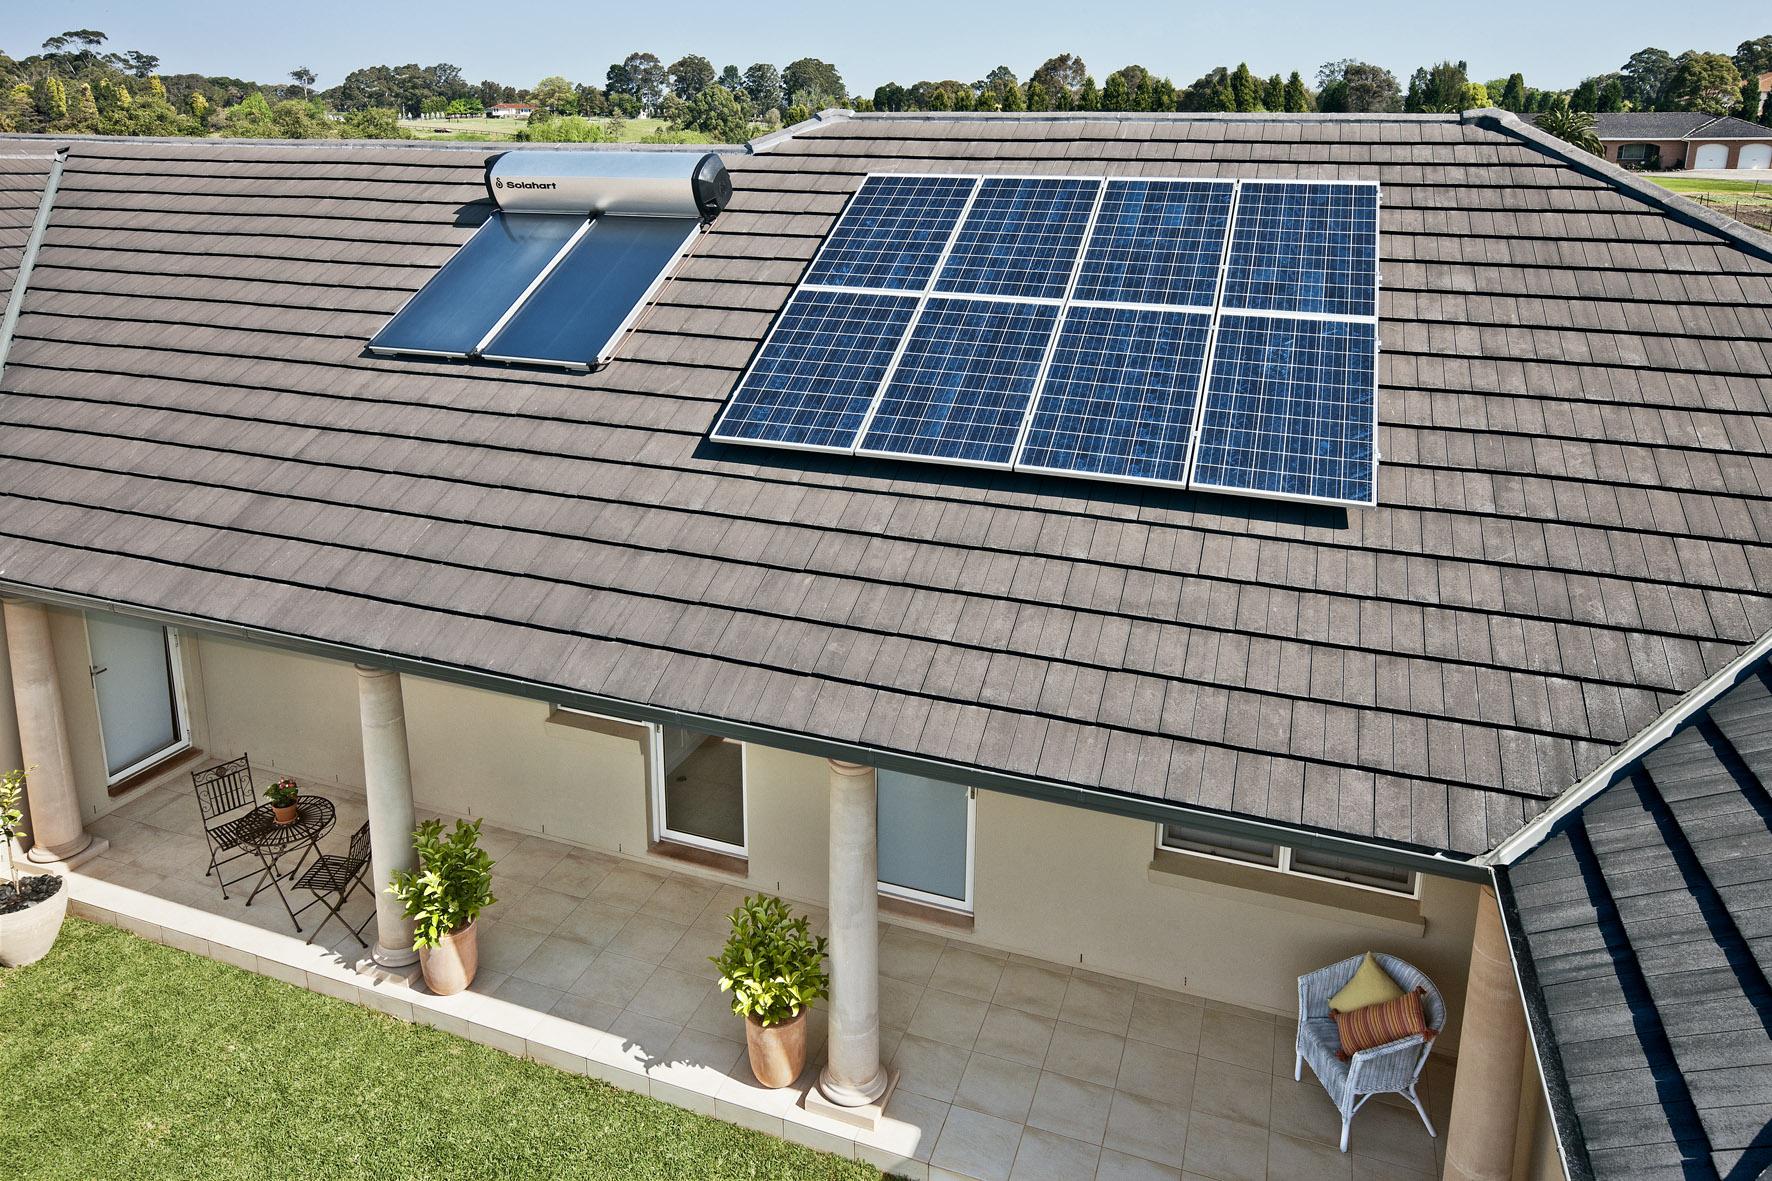 Солнечное отопление частного дома: варианты и схемы устройства